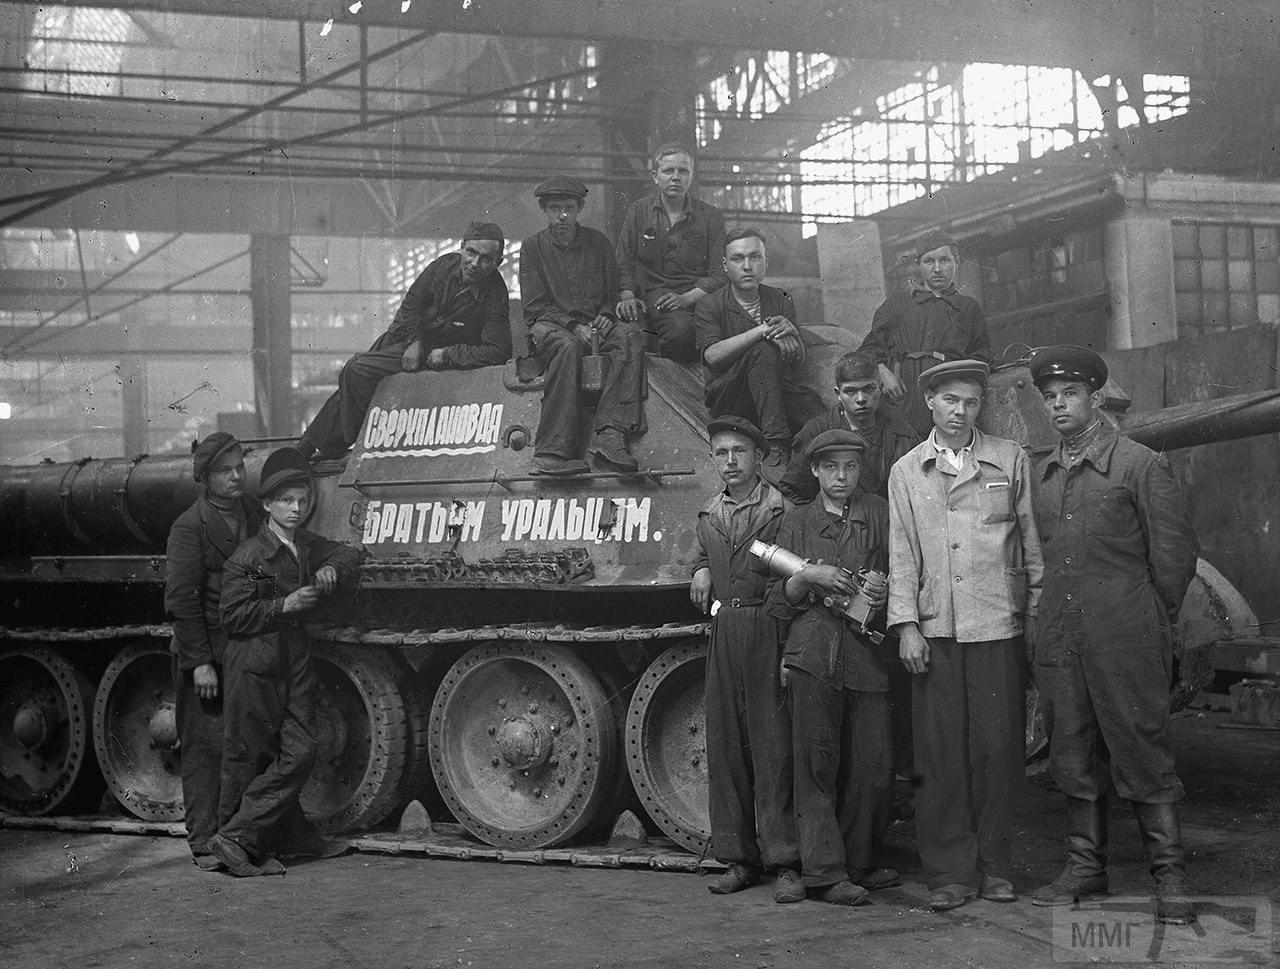 18761 - Военное фото 1941-1945 г.г. Восточный фронт.